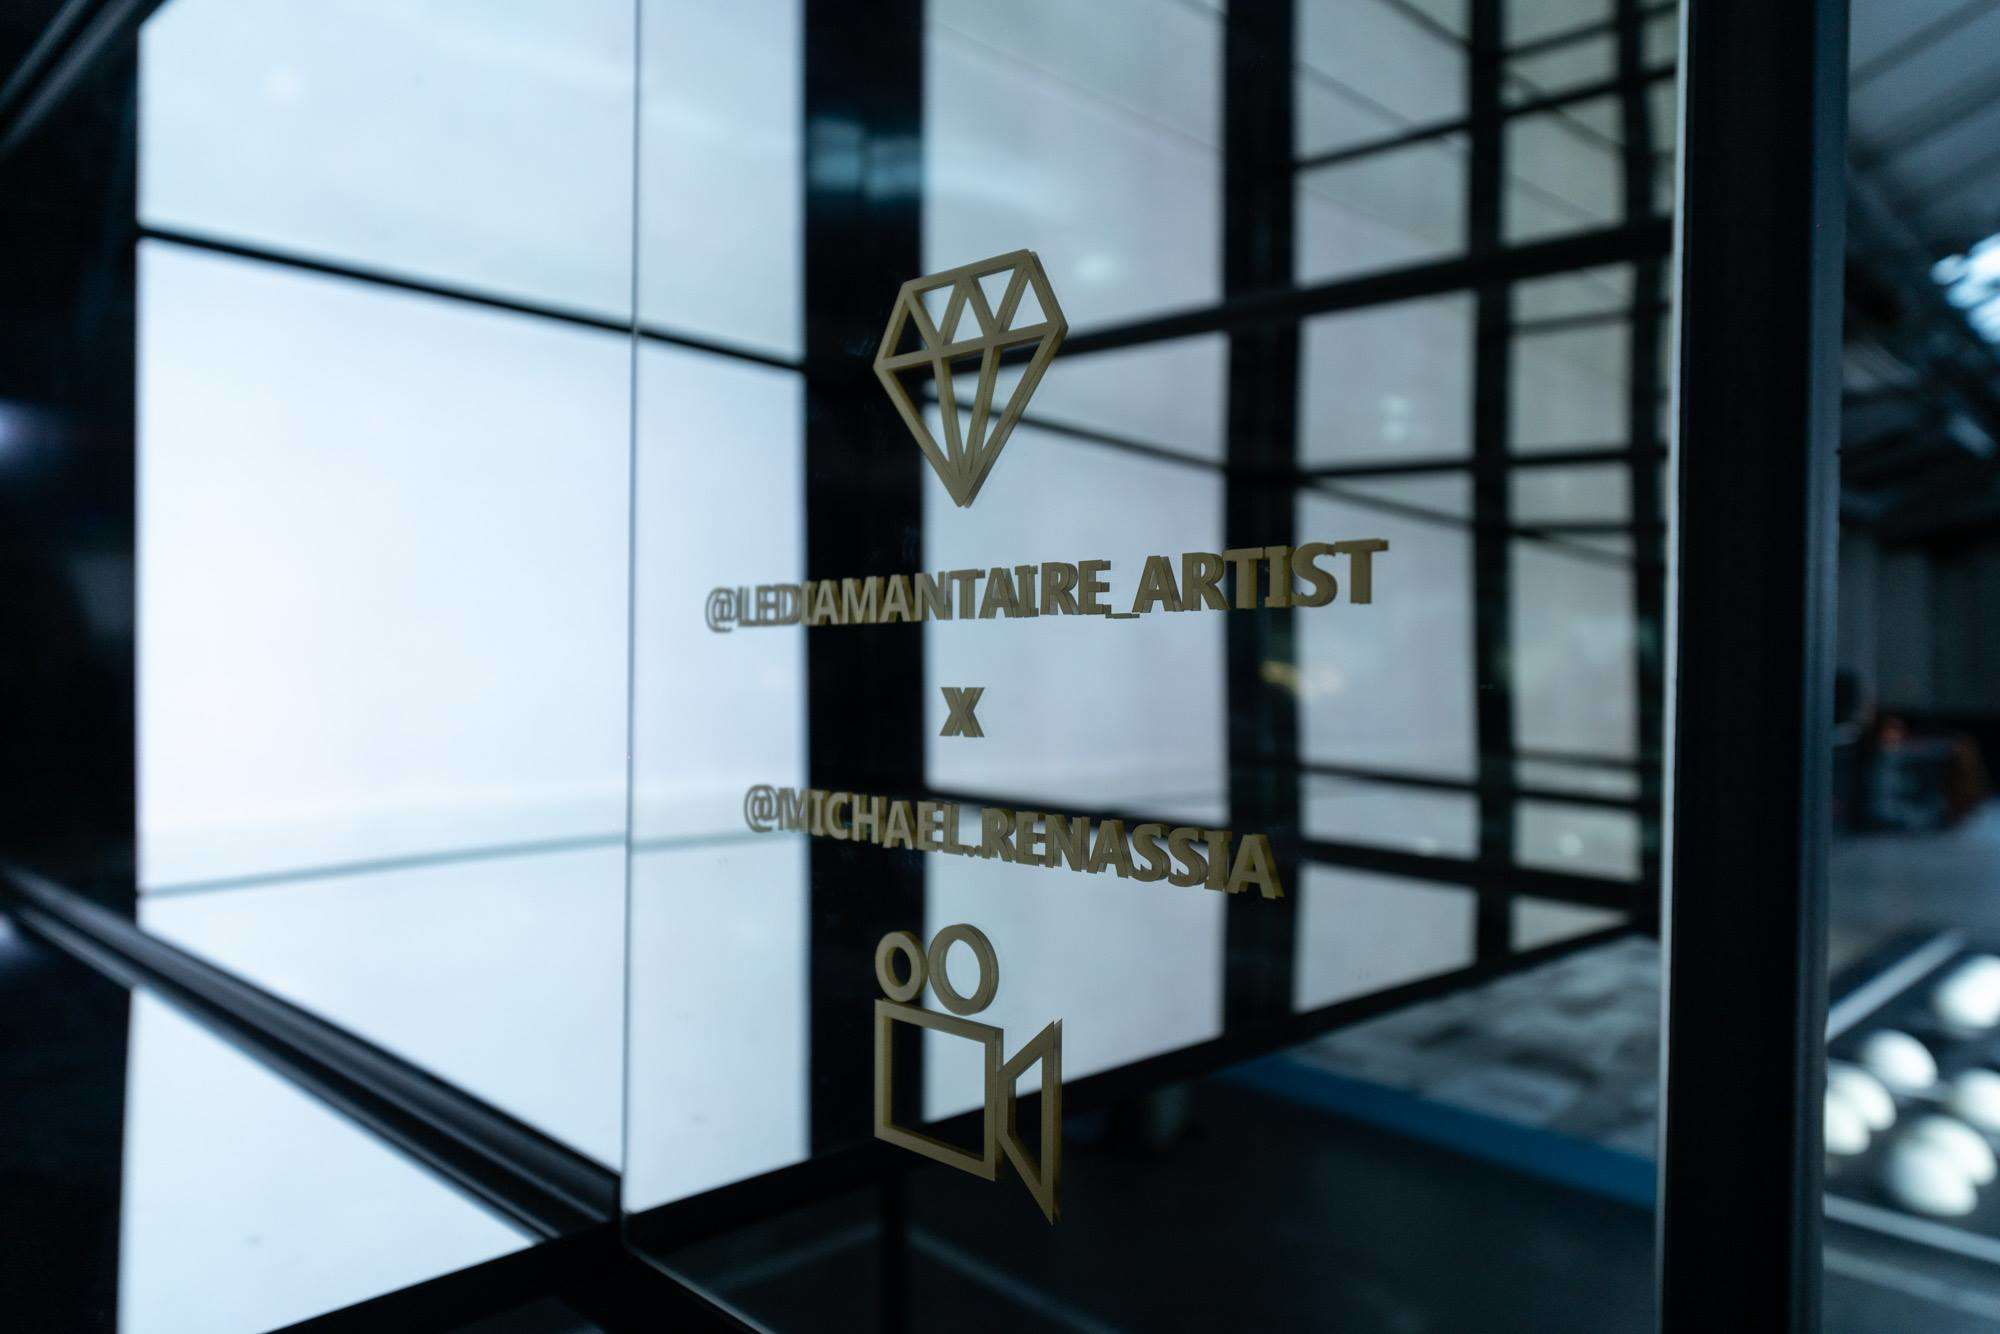 michael-renassia-le-diamantaire-trajectoire-studio-installation-video